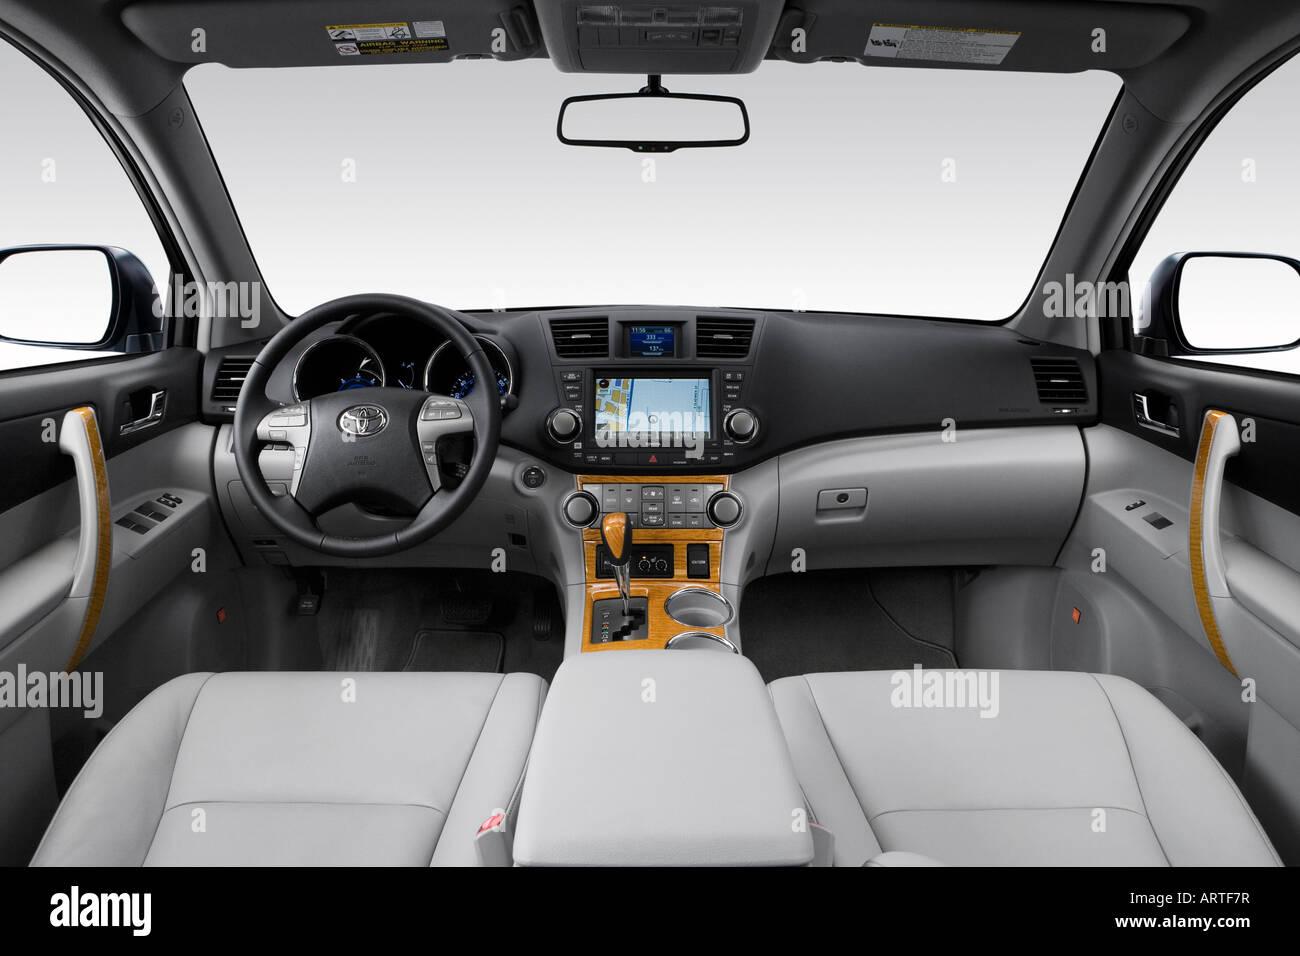 2008 Toyota Highlander Hybrid Limitado Em Azul   Painel De Bordo, Consola  Central, Vista De Mudança De Marchas